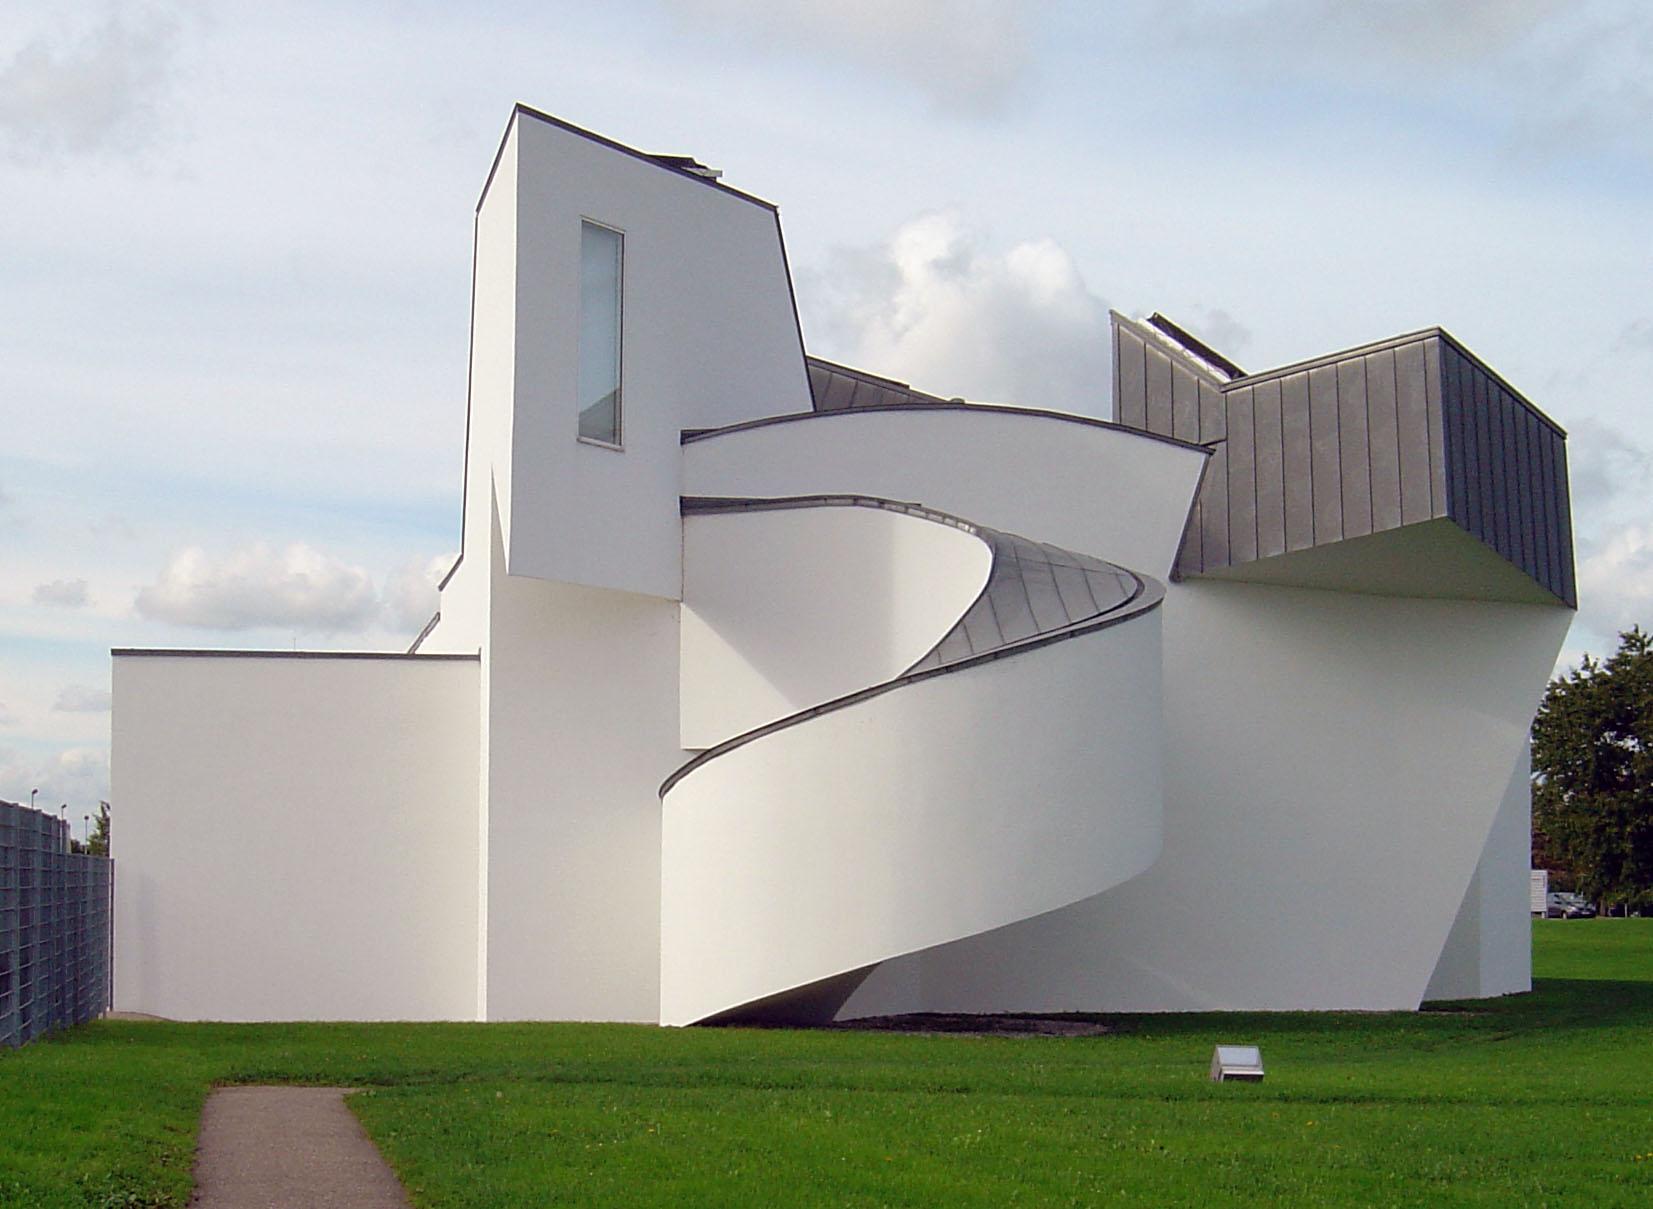 Vitra Museum Tour File:vitra Design Museum